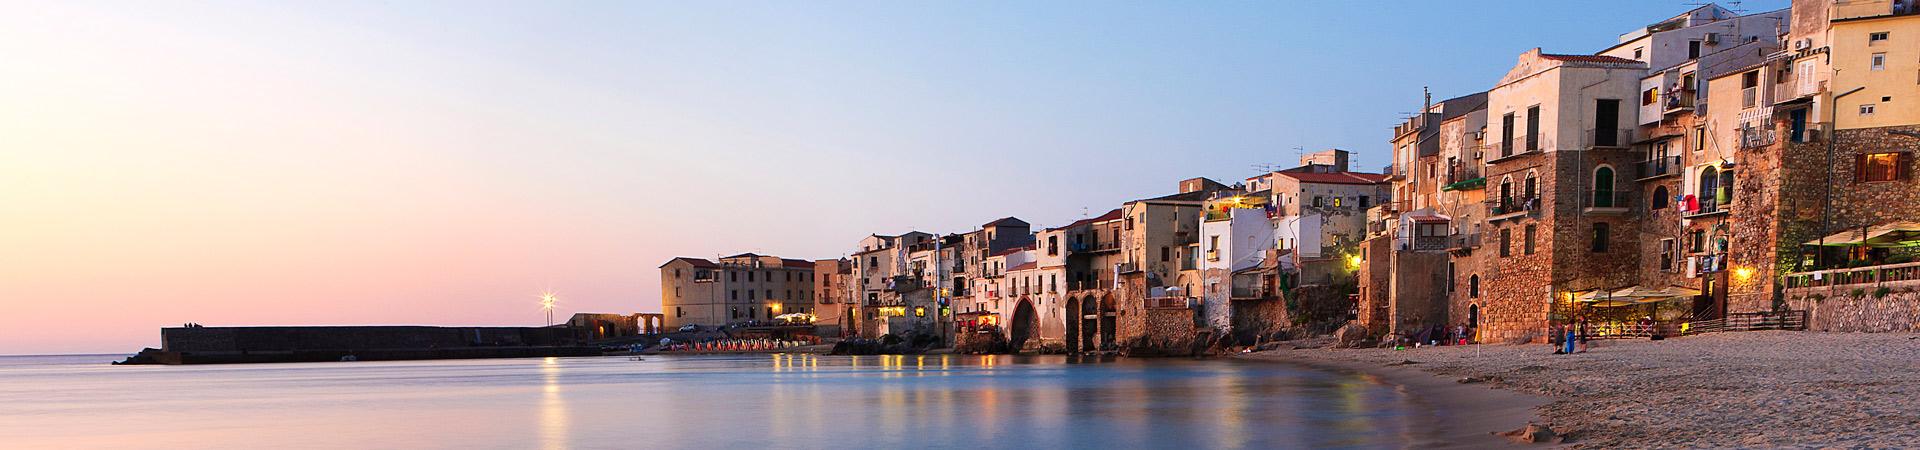 Slider-Stelle-di-Sicilia-Catania_Catania